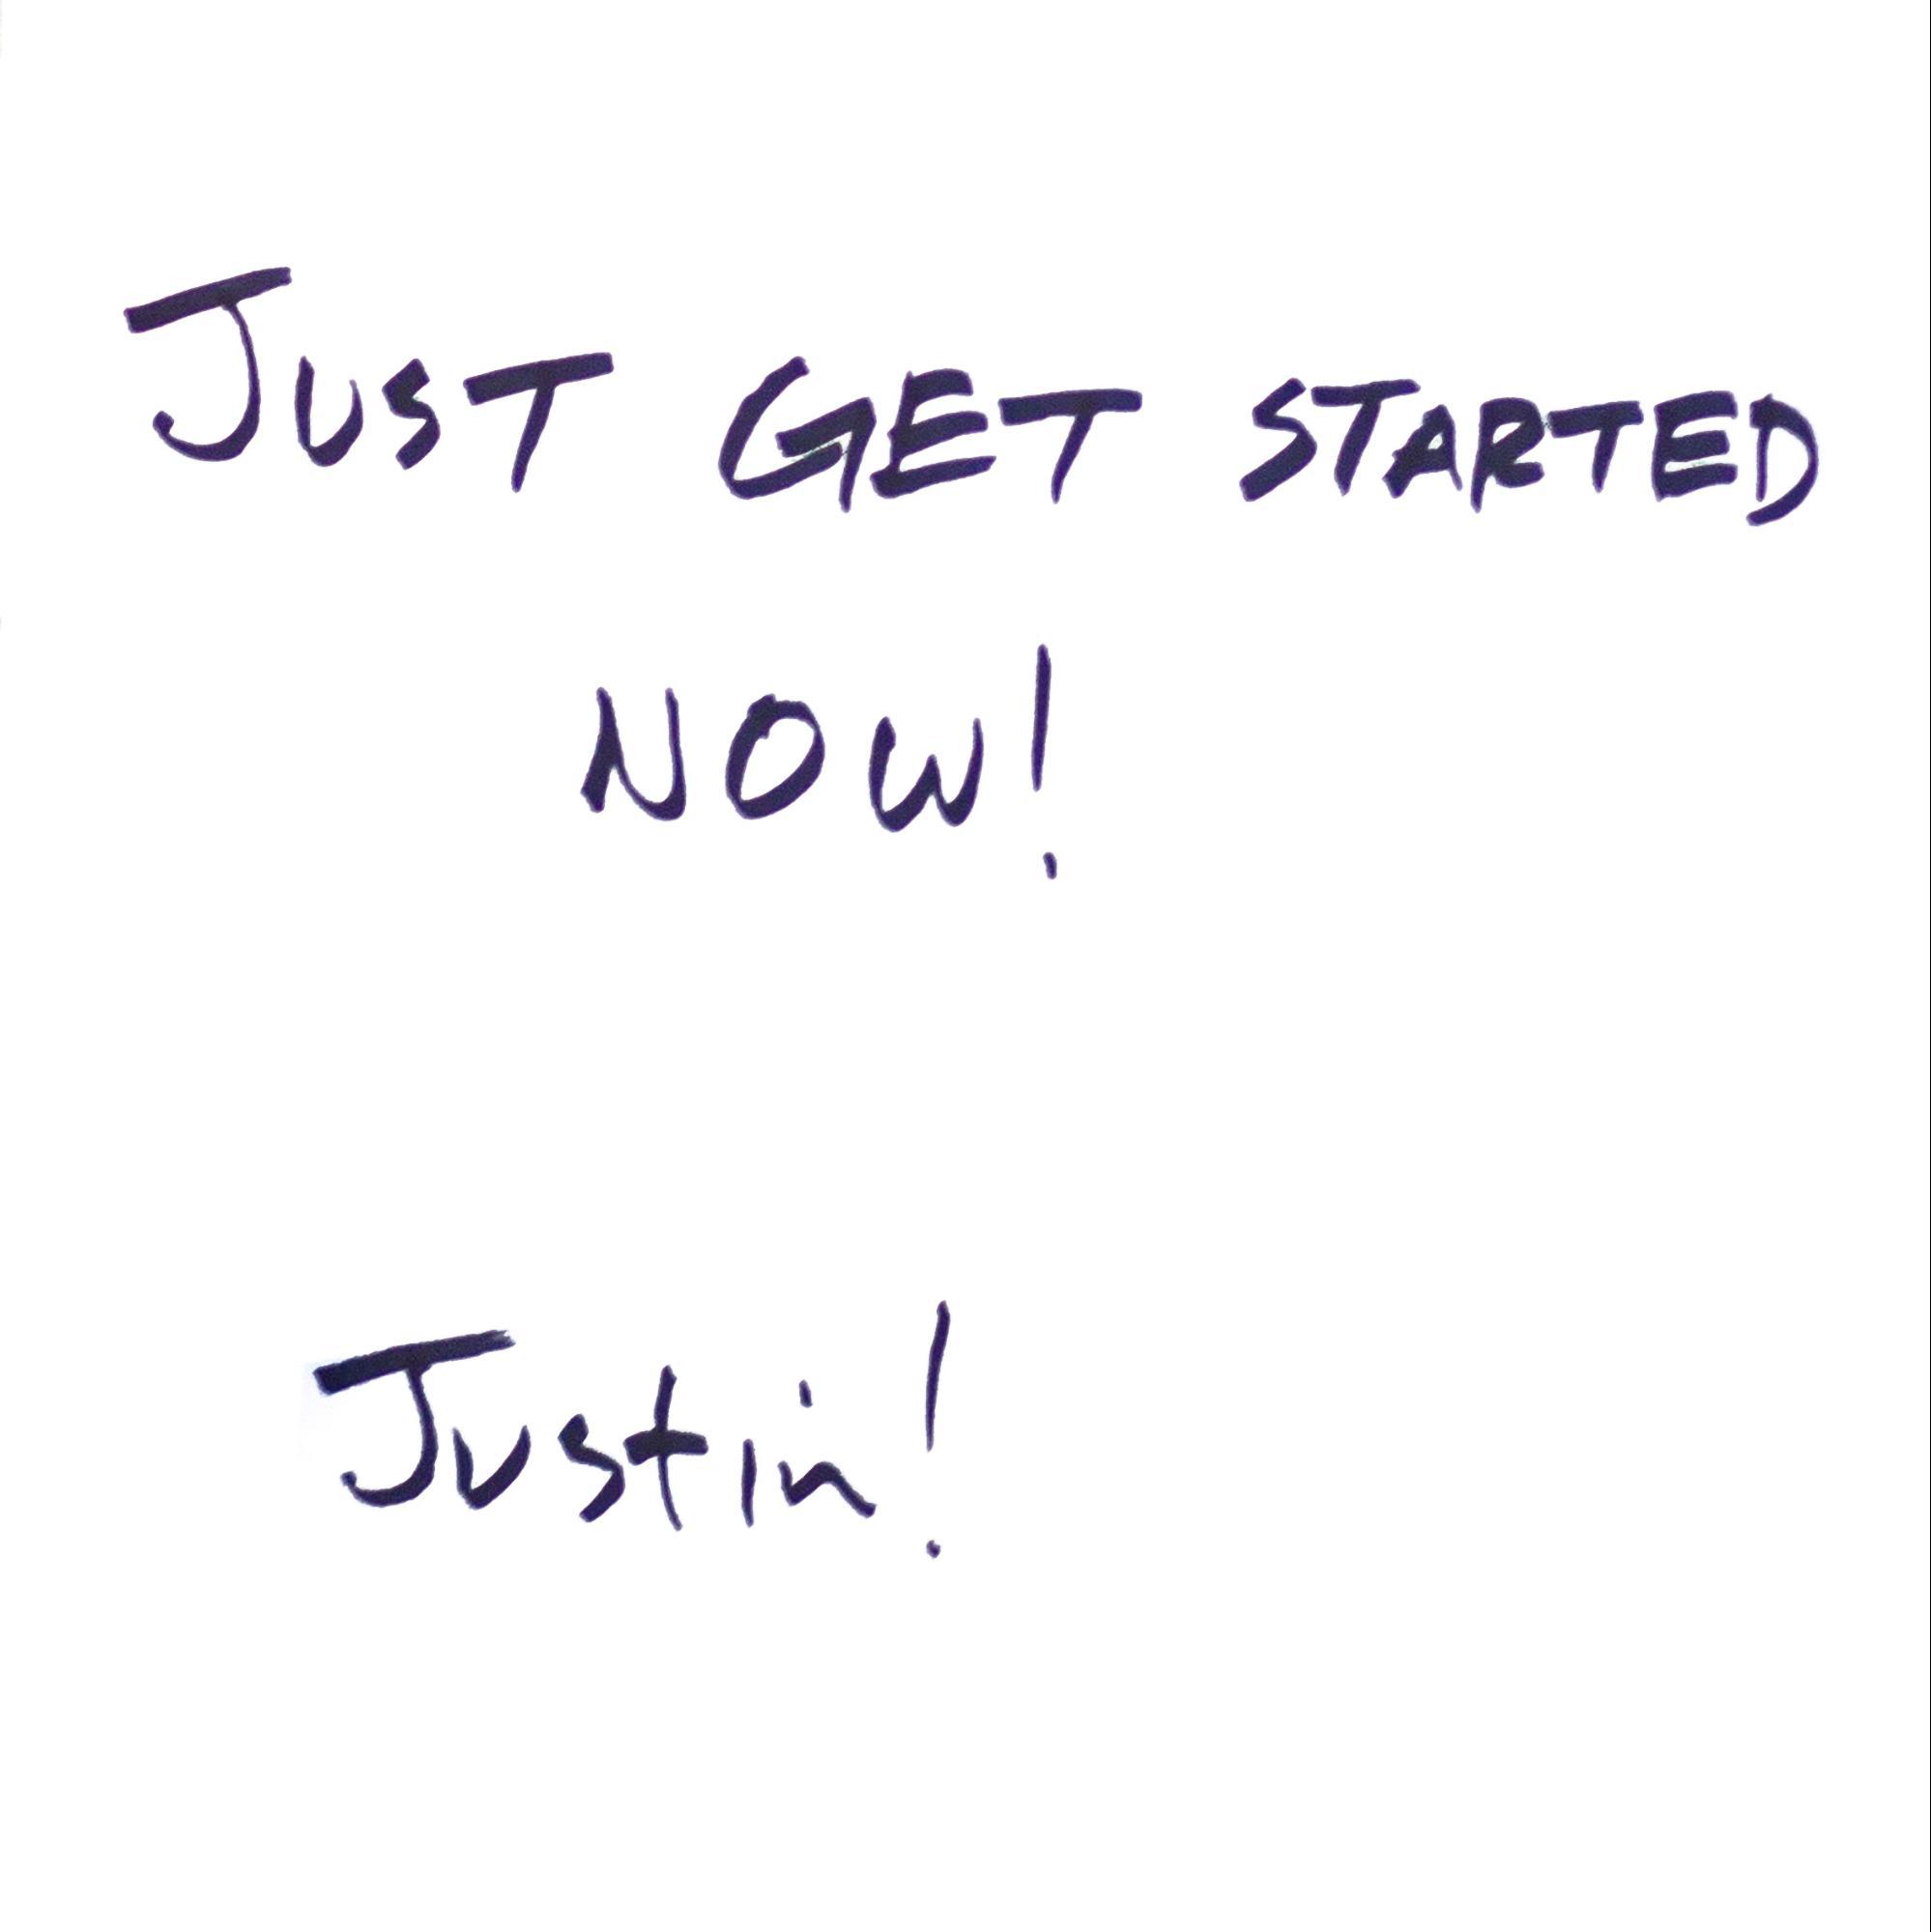 Just get start now. Justin Kan